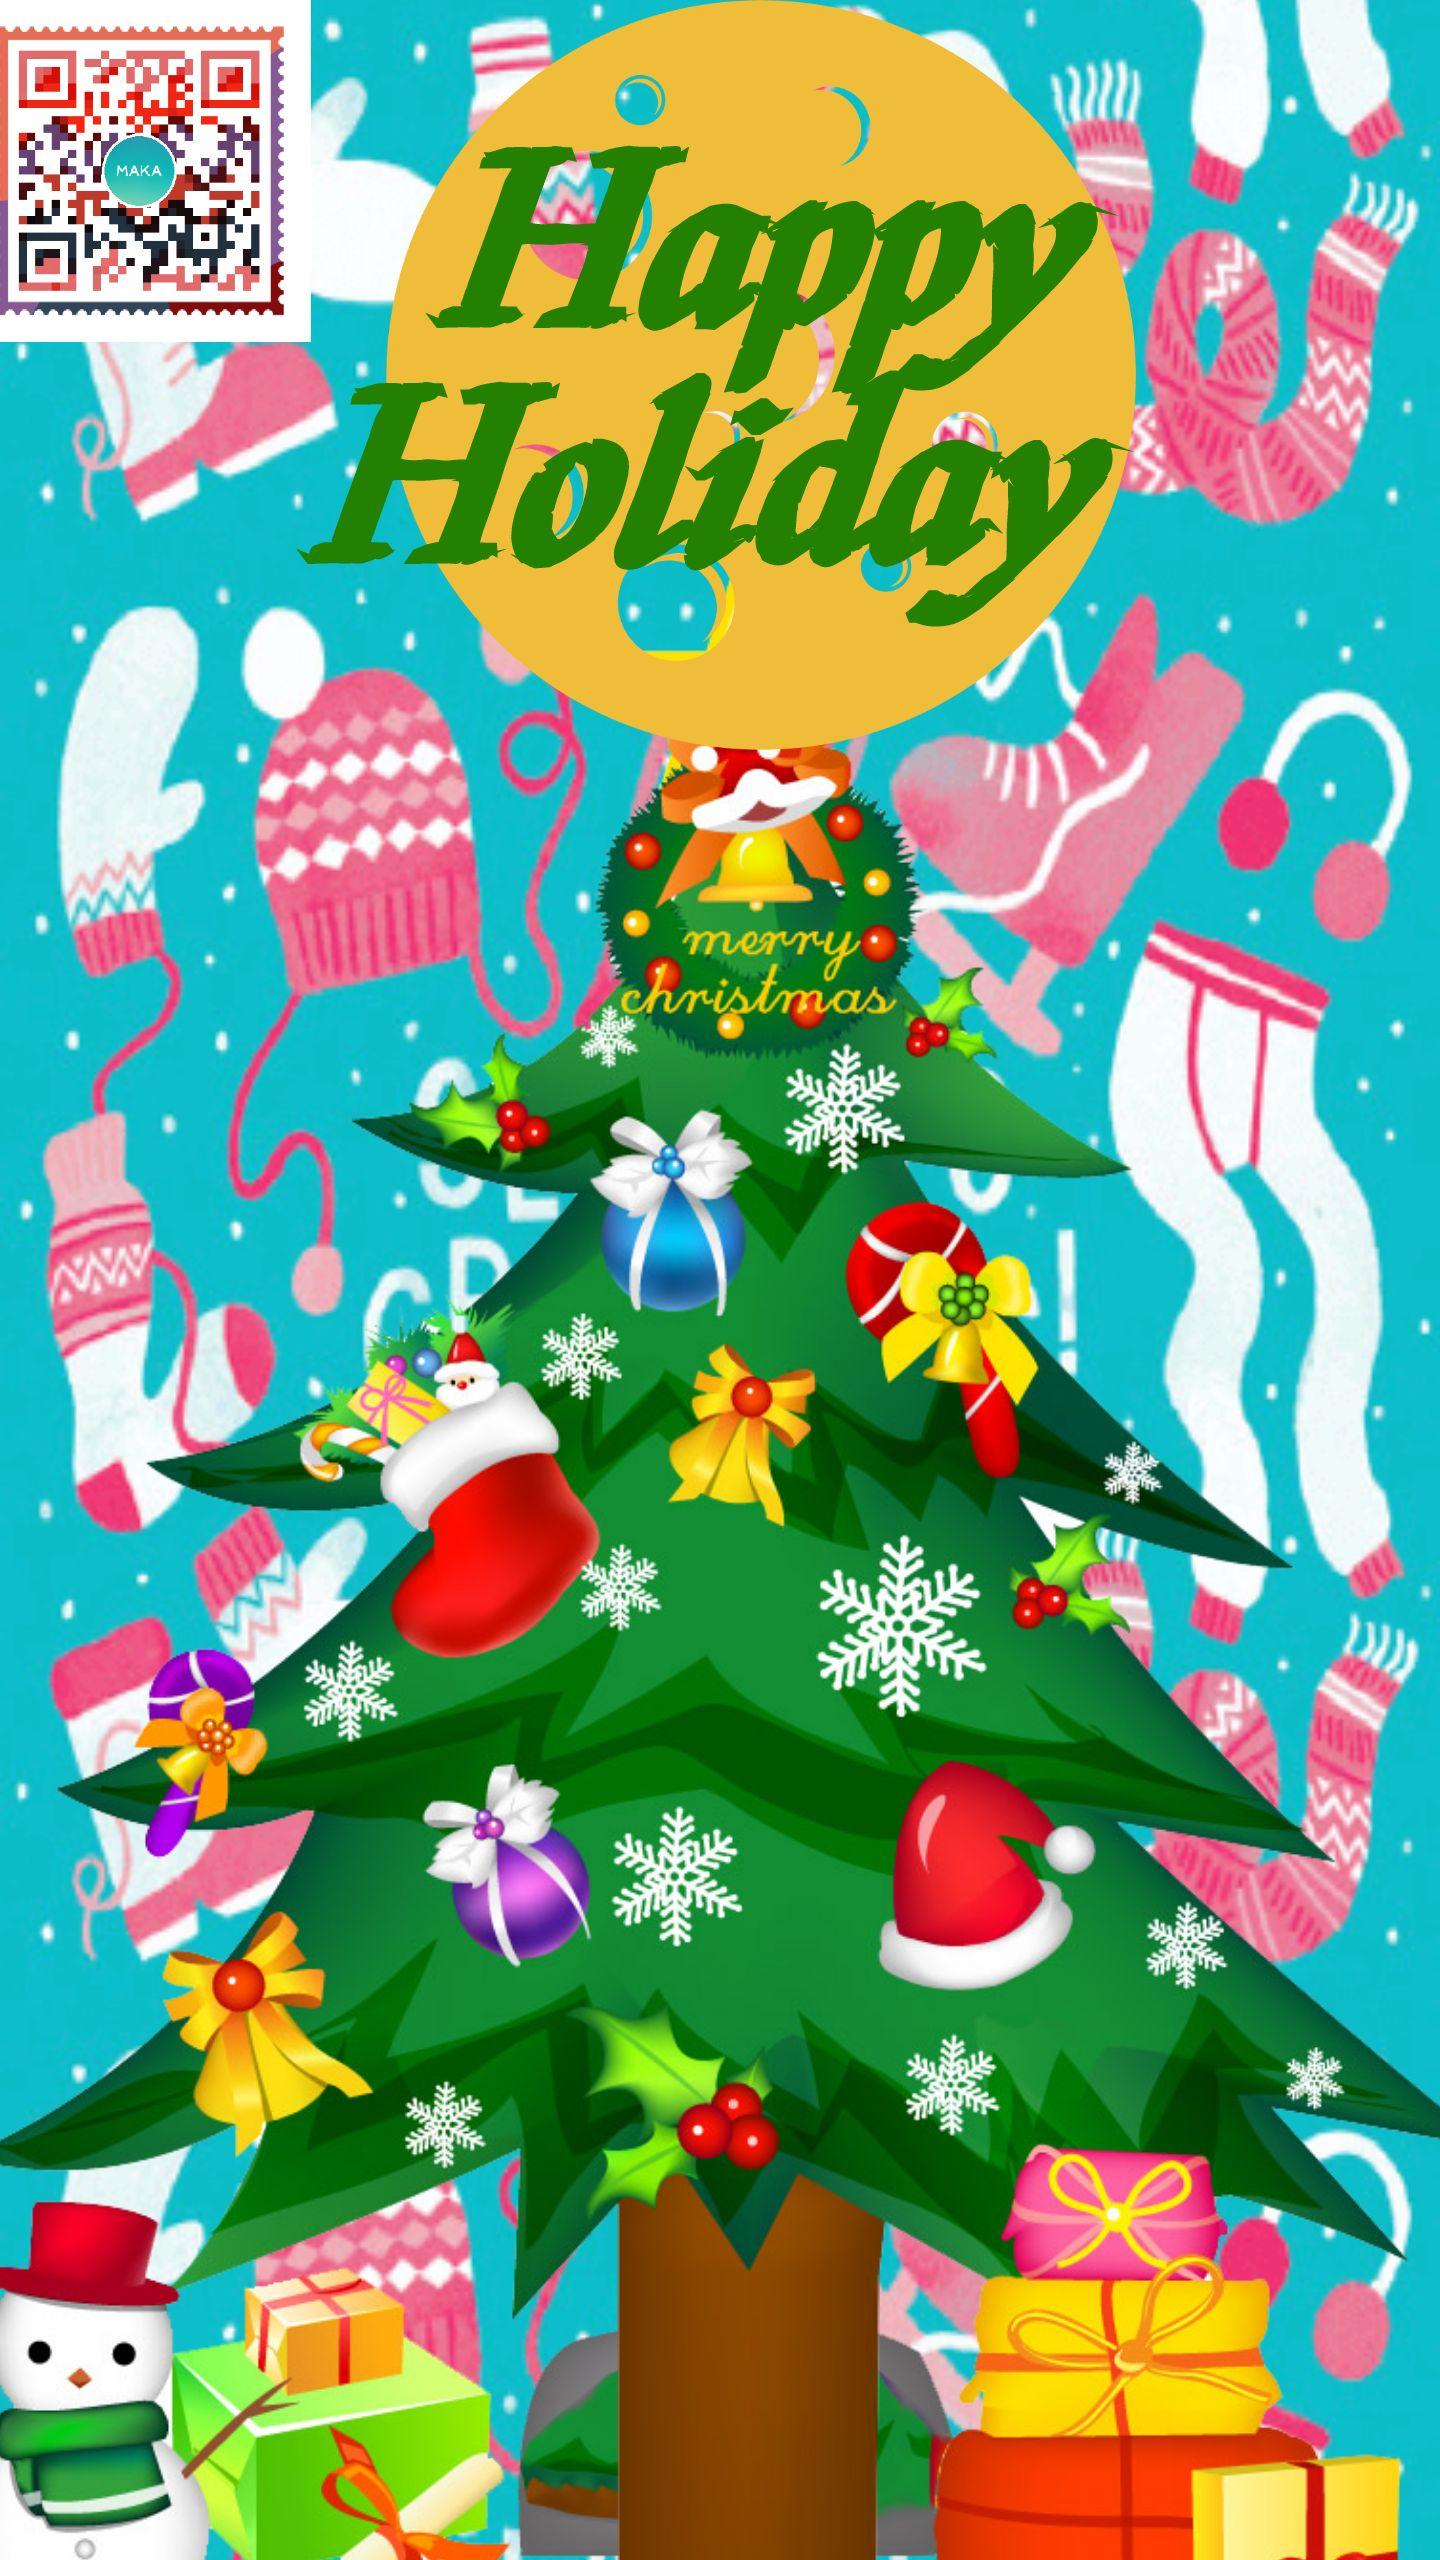 圣诞节清新文艺商业或个人节日祝福海报